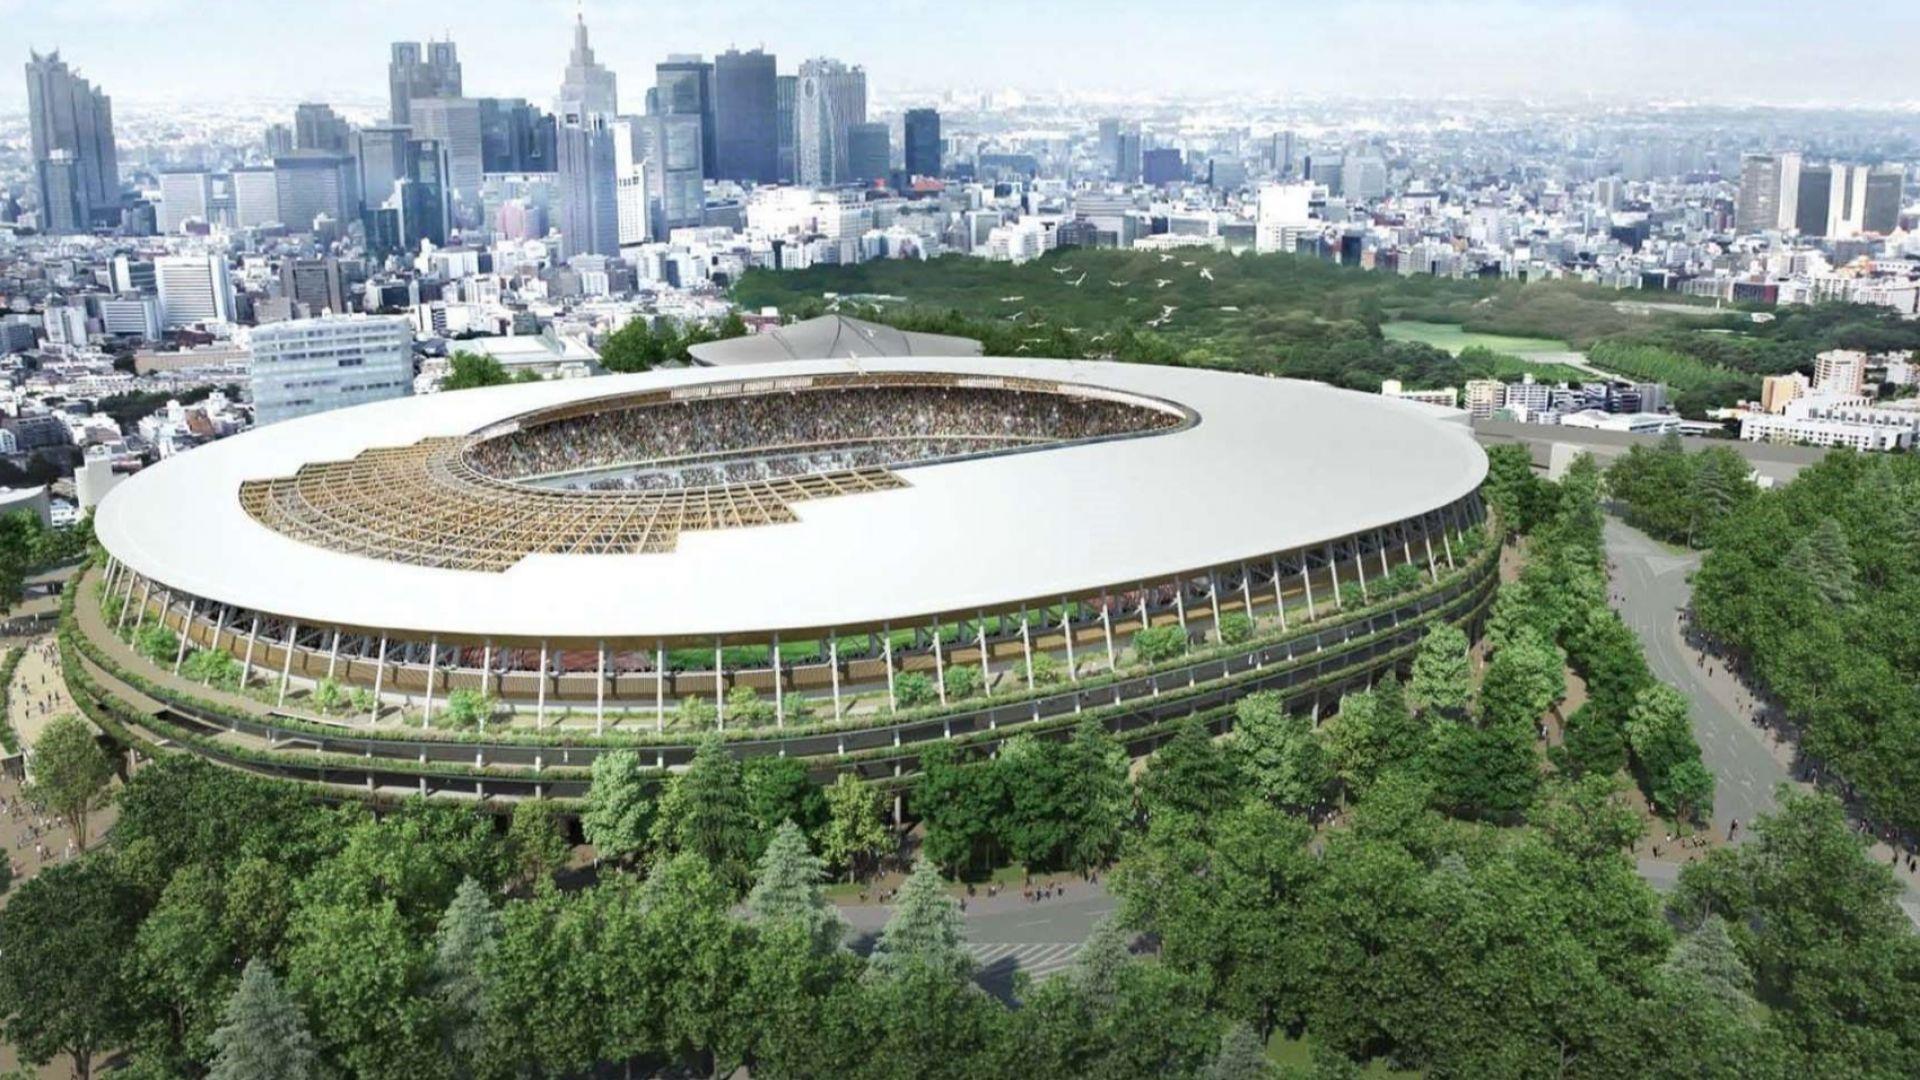 Точно 2 години до чудото Токио 2020: Олимпиада на бъдещето и миналото (снимки)